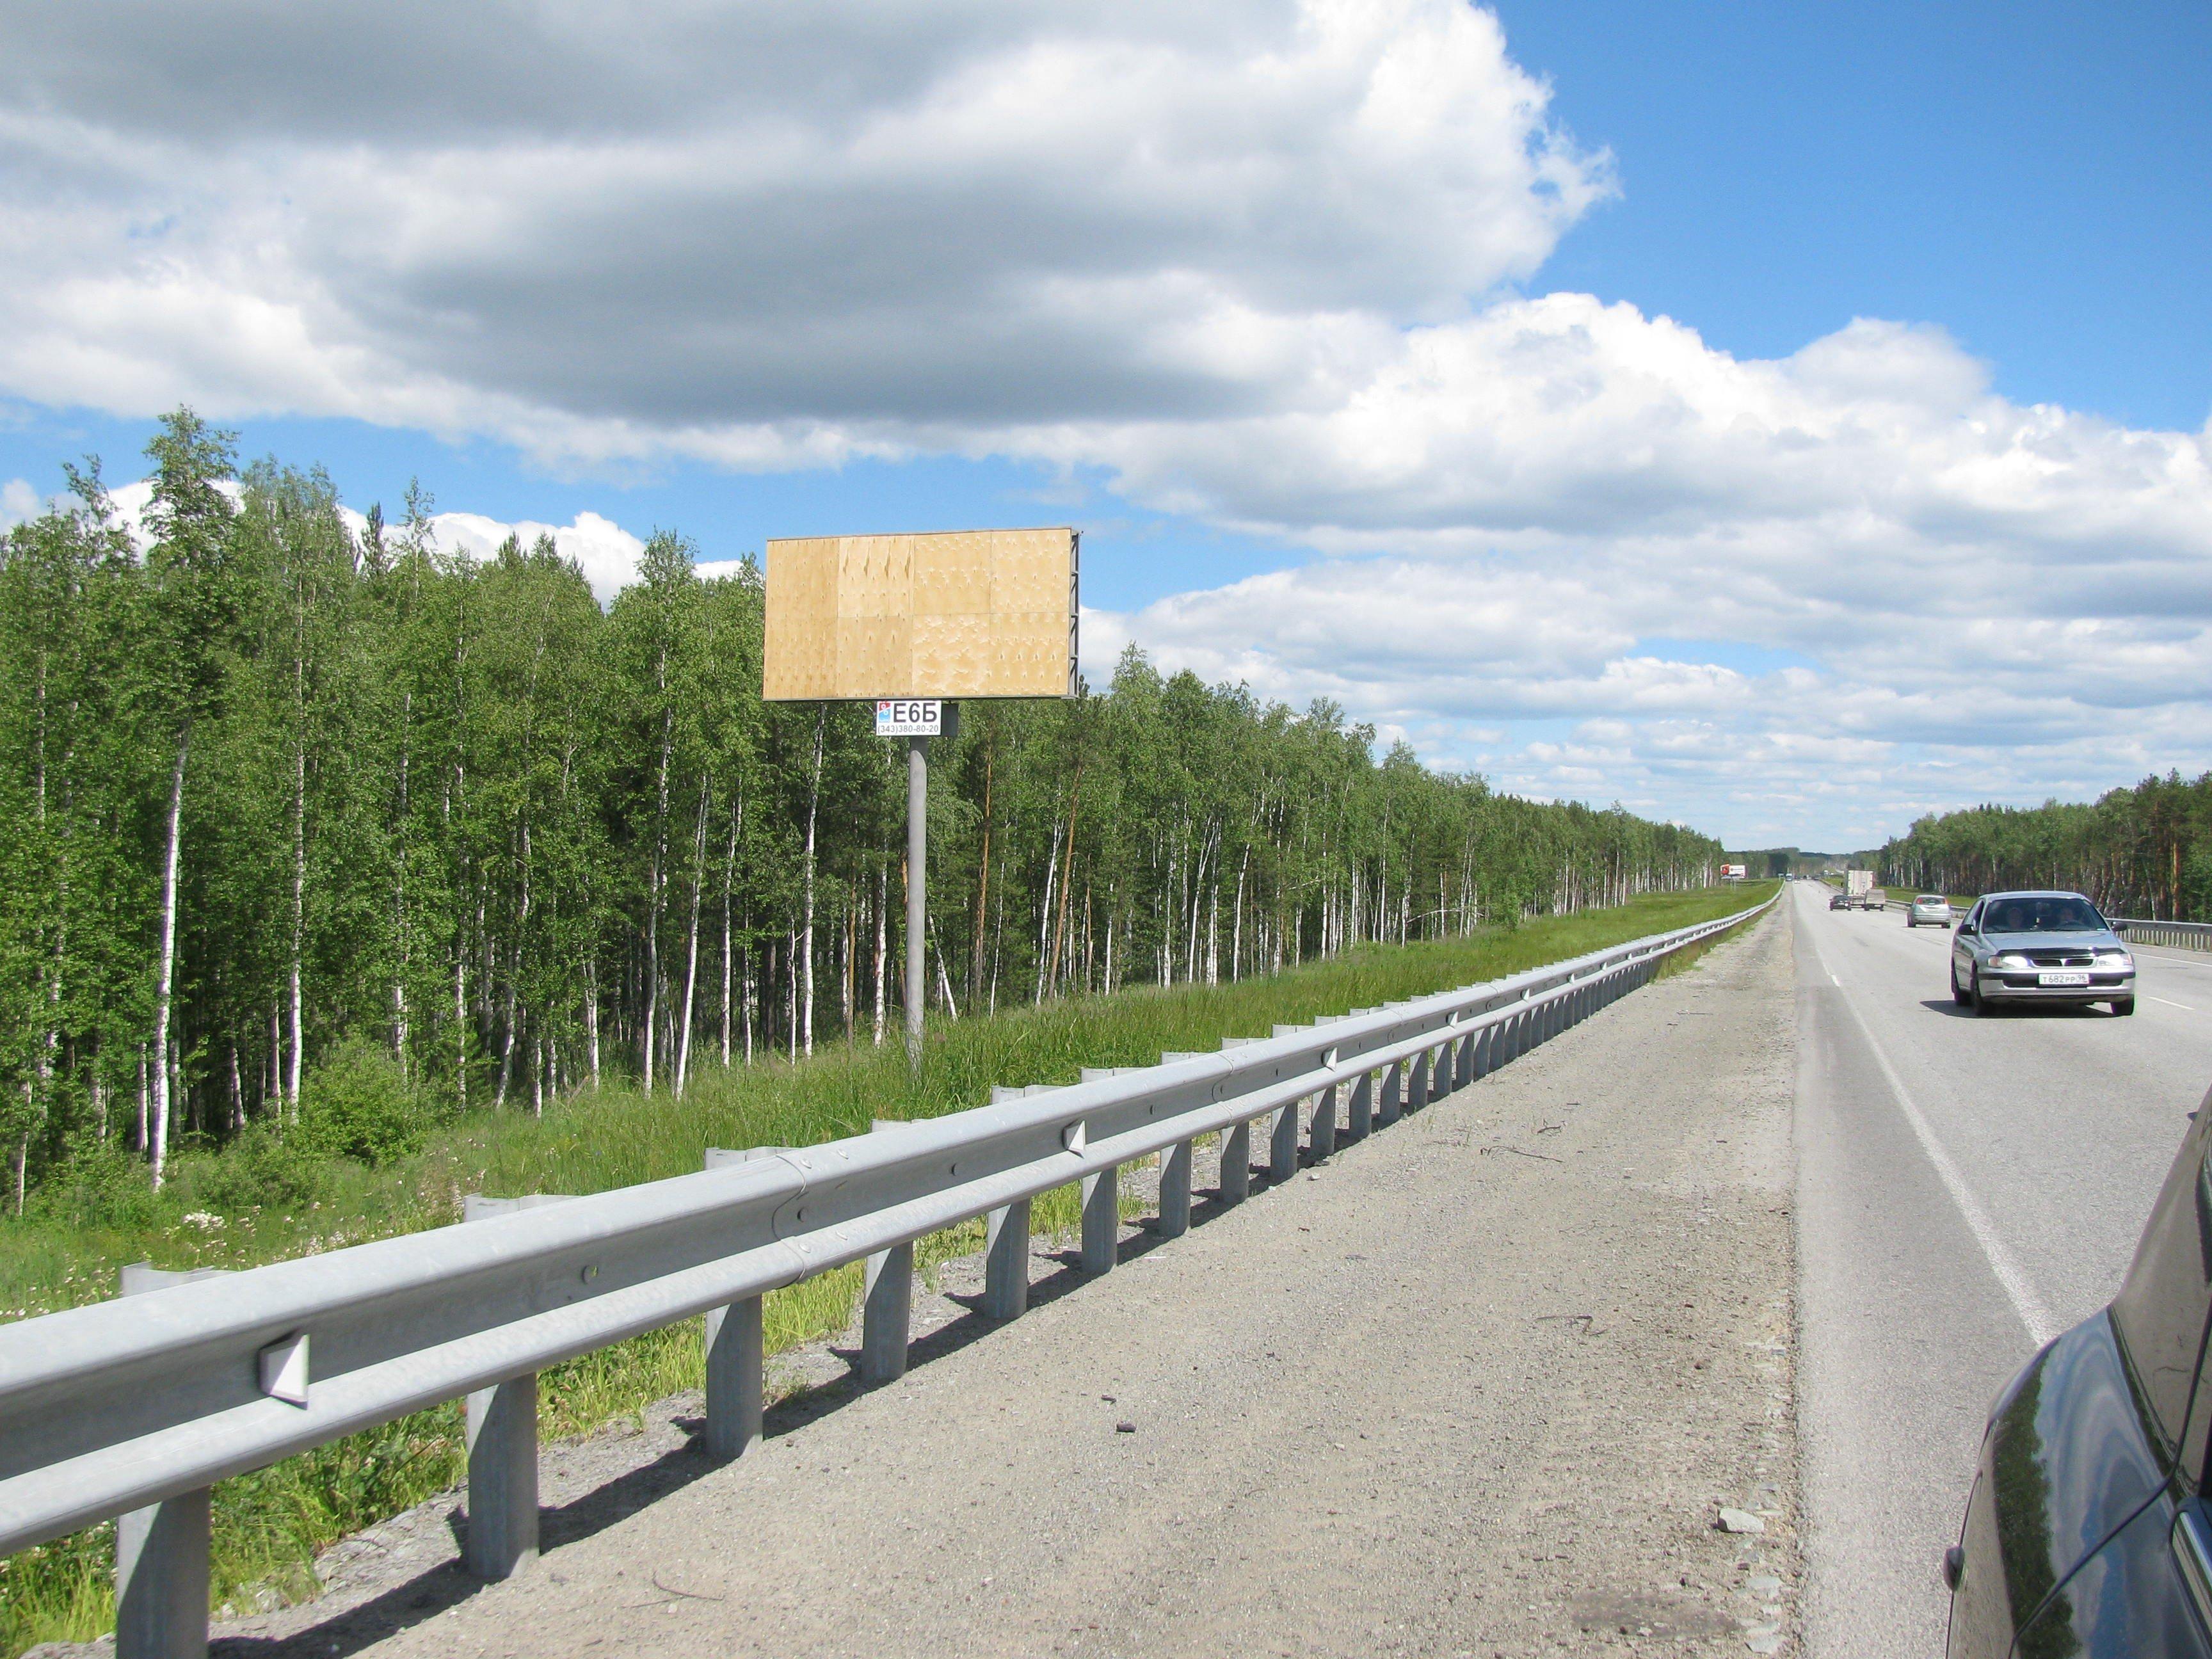 Бюджет Свердловской области получит 8,5 млрд руб. надостройку ЕКАД